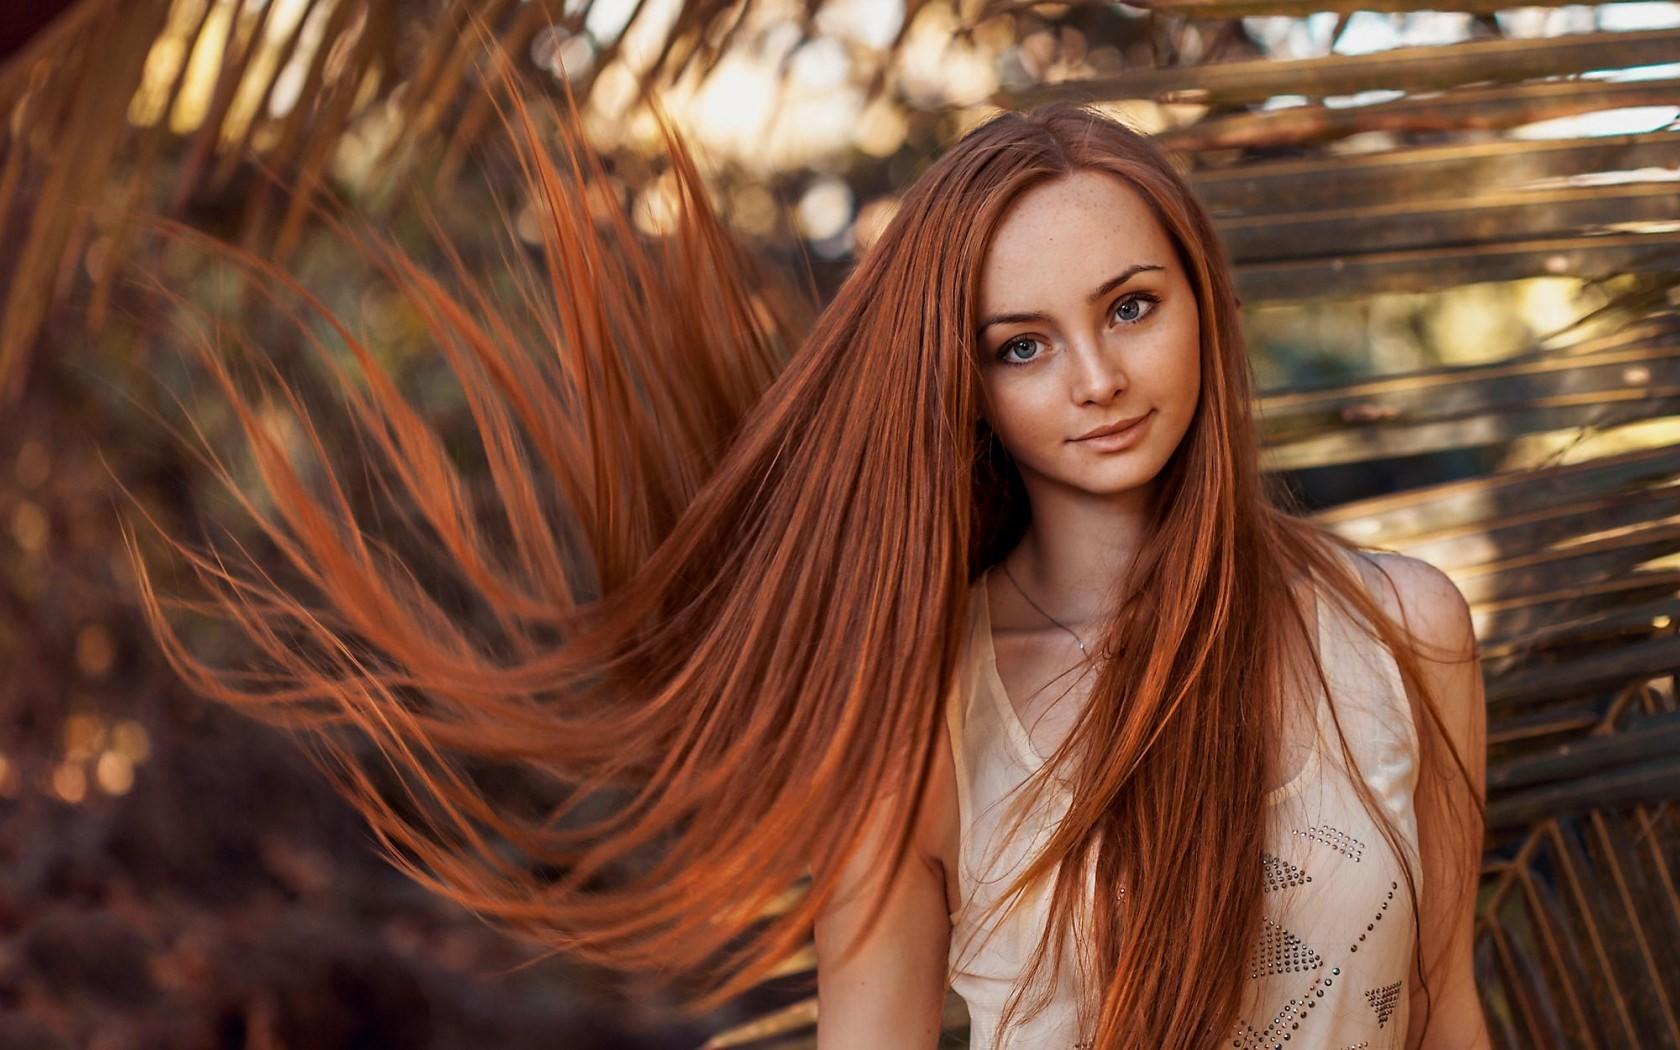 Фото с девушками с длинными волосами